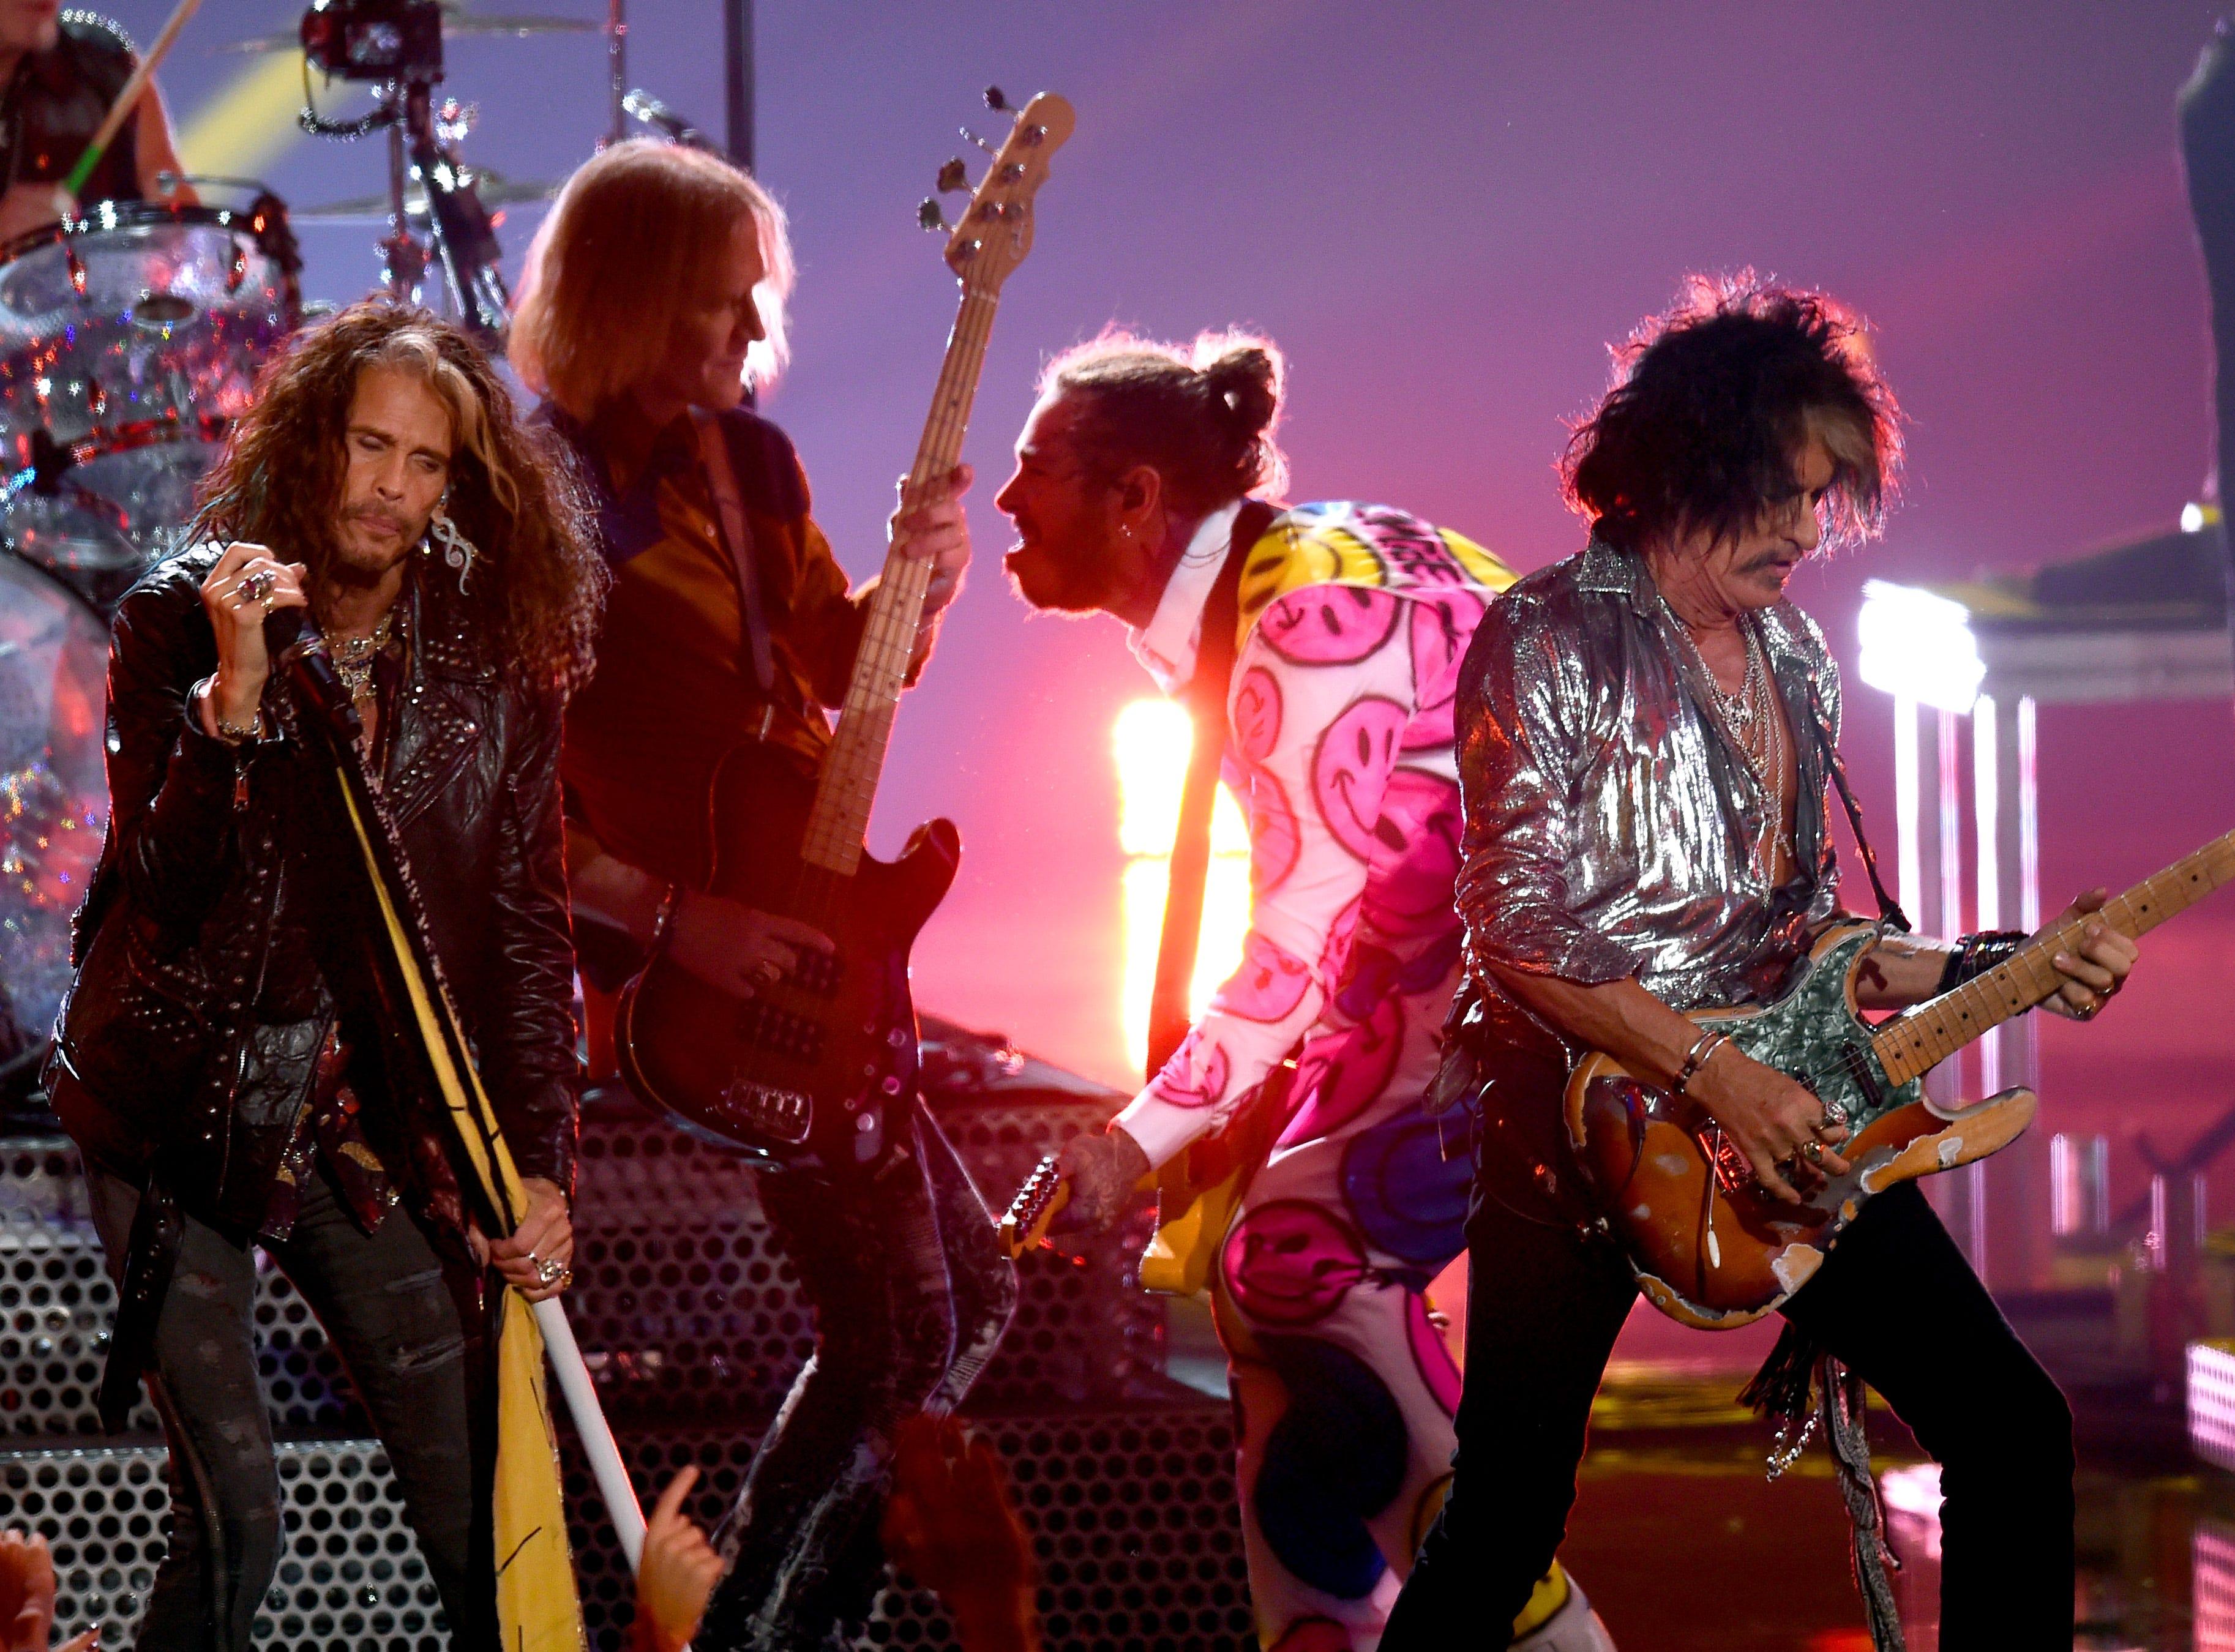 Steven Tyler, Post Malone y Joe Perry de Aerosmith se presentan en el escenario con Post Malone durante los MTV Video Music Awards 2018 en Radio City Music Hall el 20 de agosto de 2018 en la ciudad de Nueva York.